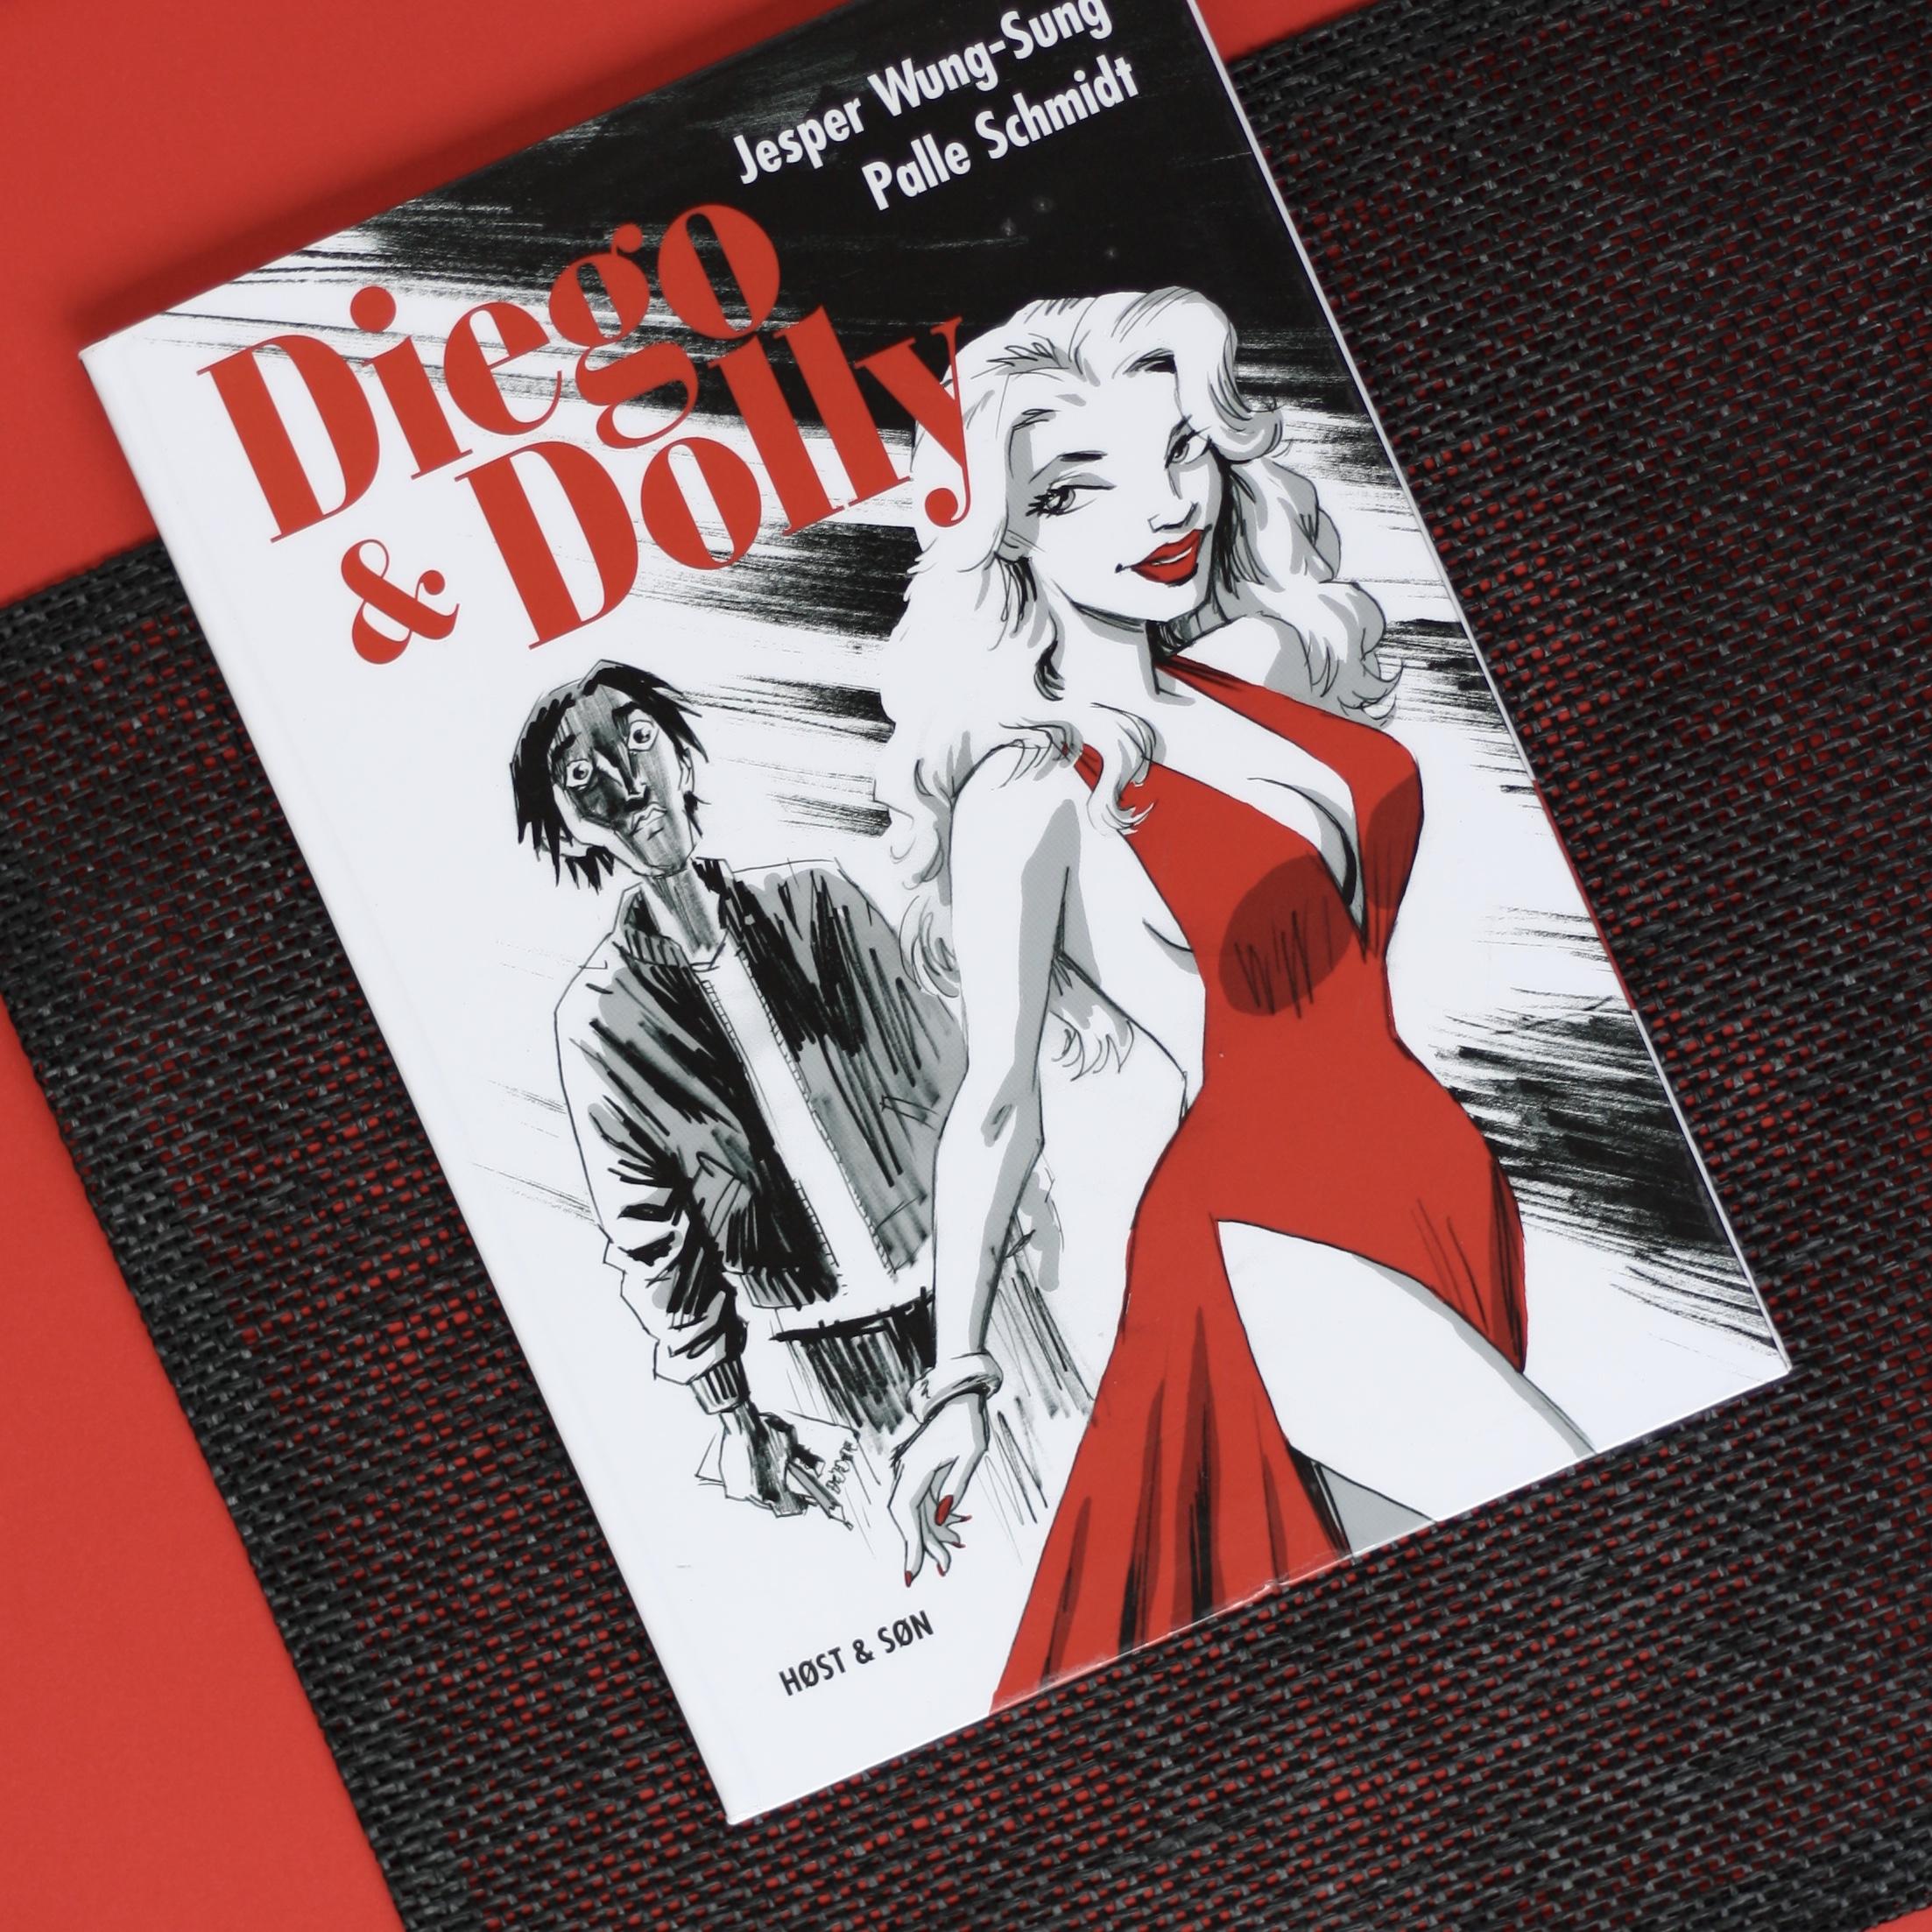 Diego og Dolly, Jesper Wung-Sung, Palle Schmidt, Bogoplevelsen